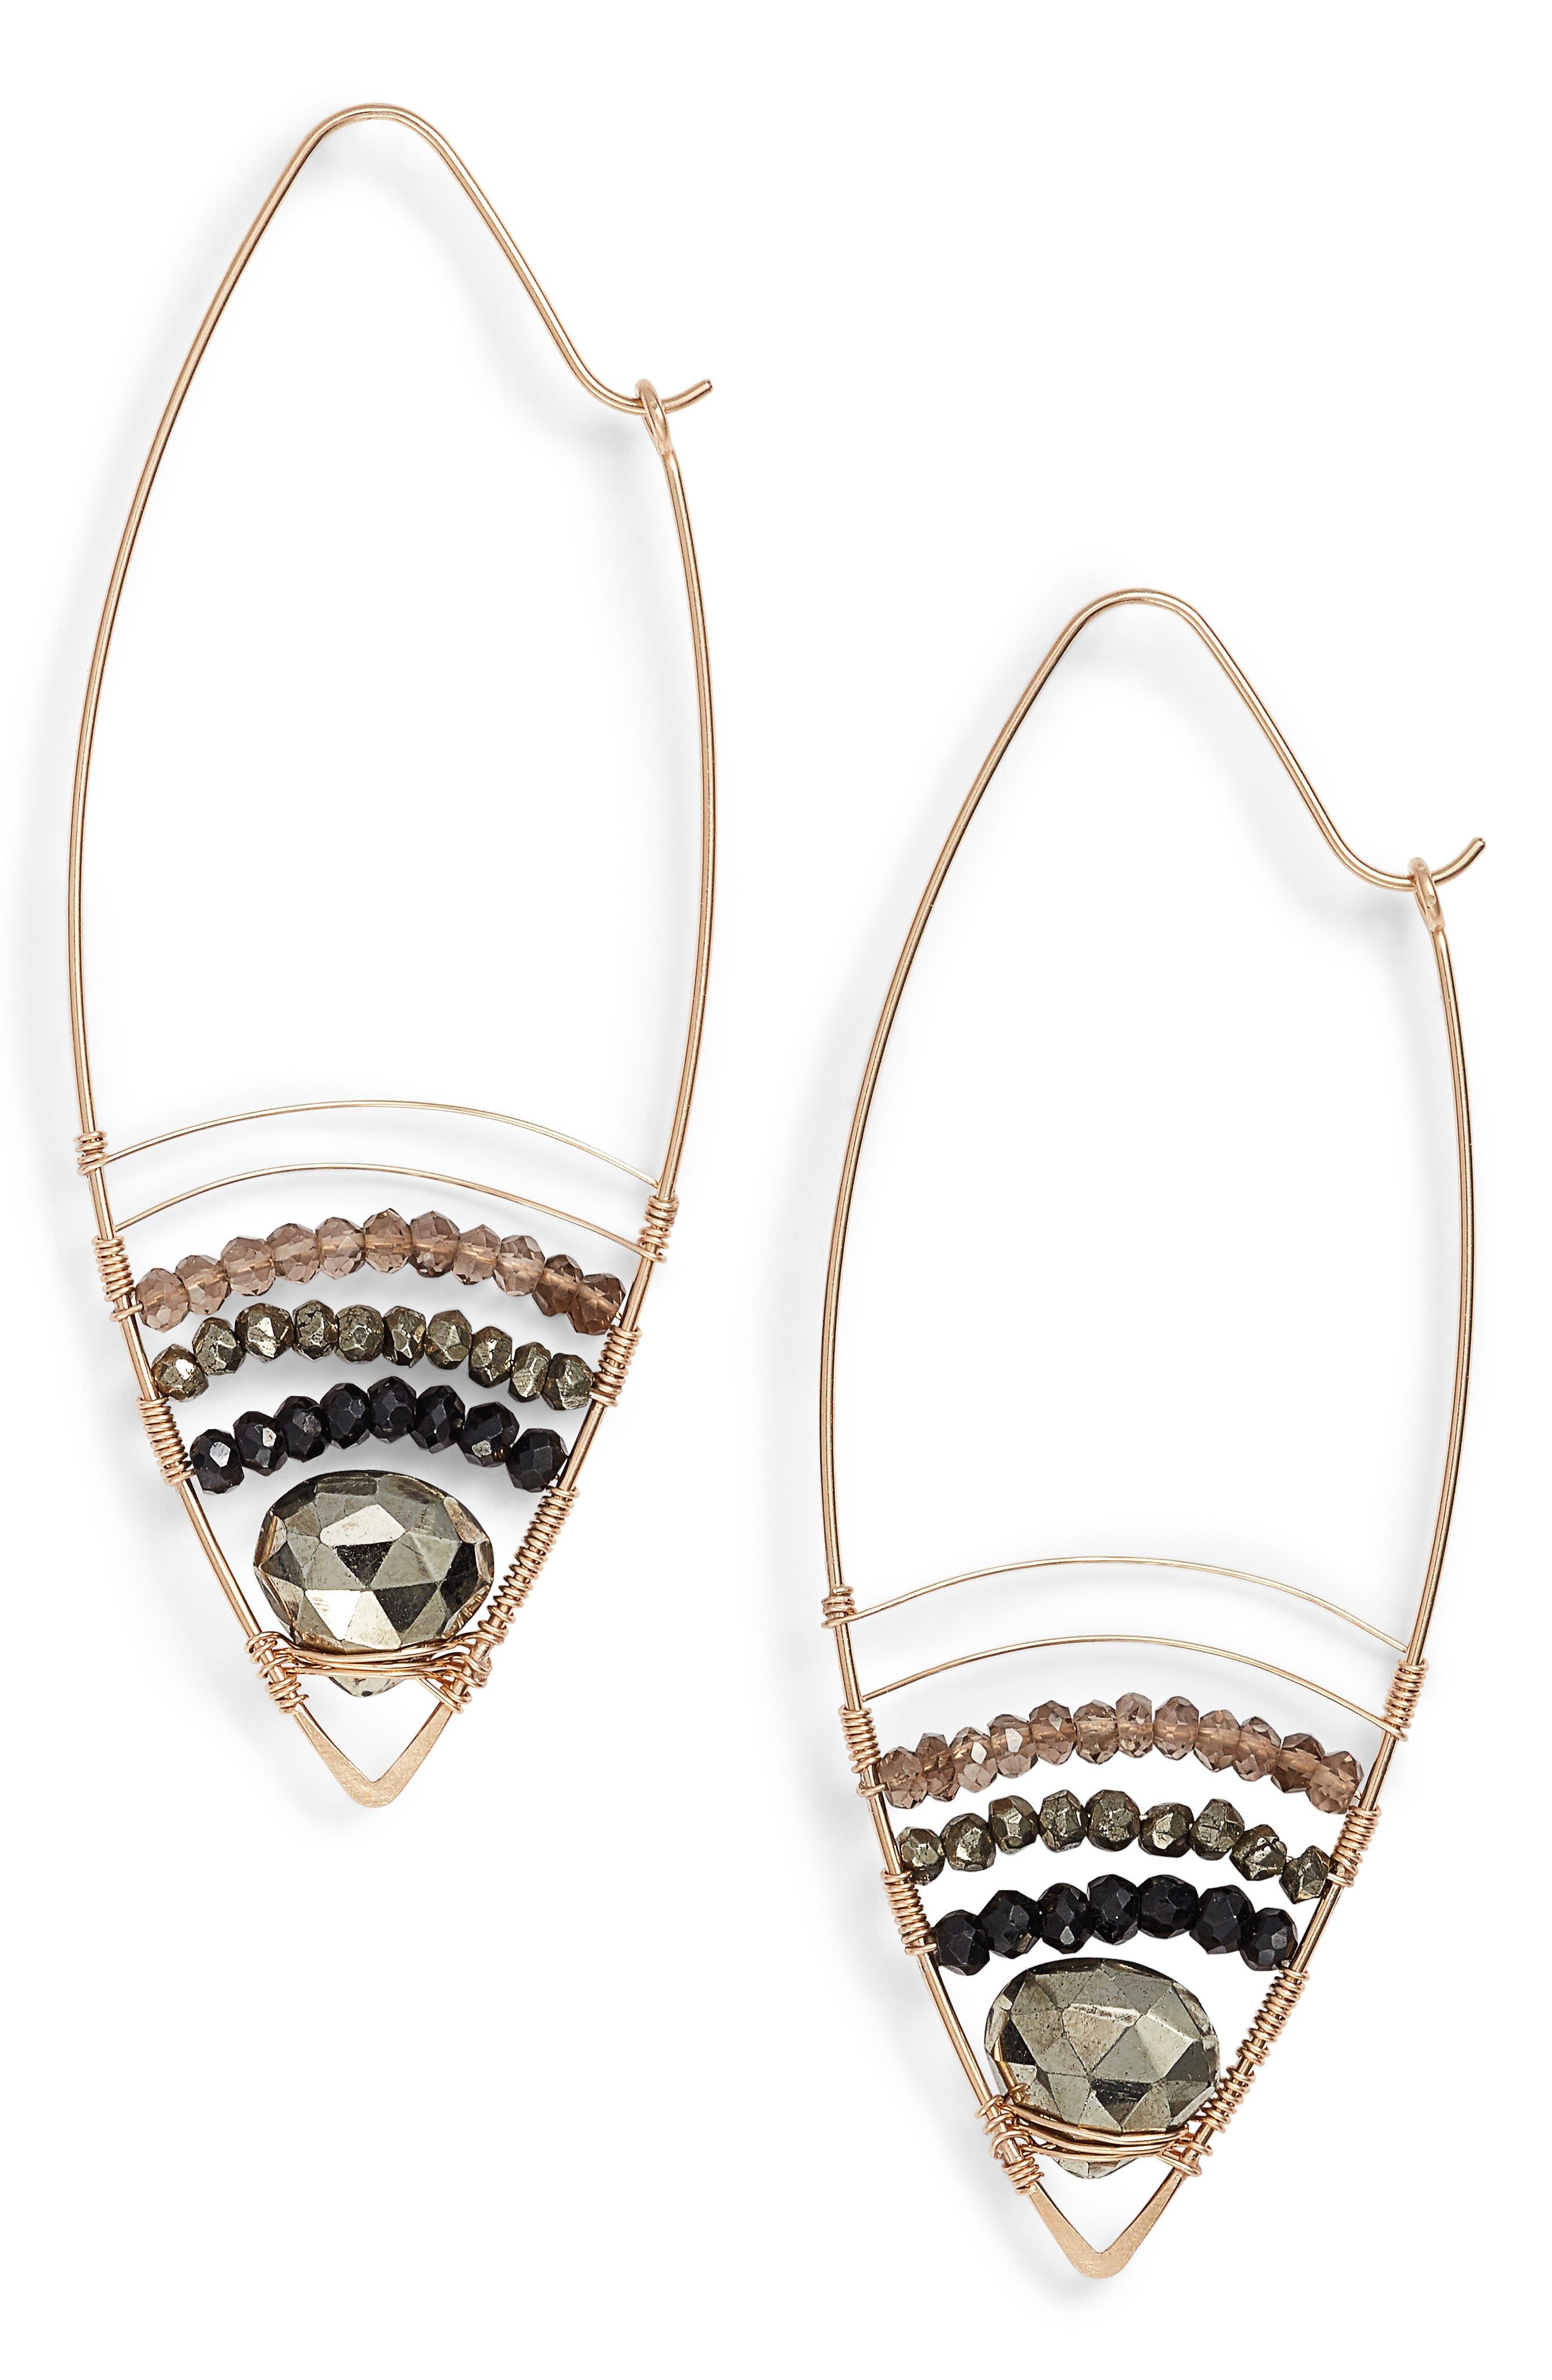 Nashelle Cabana Golden Sand Oblong Hoop Earrings